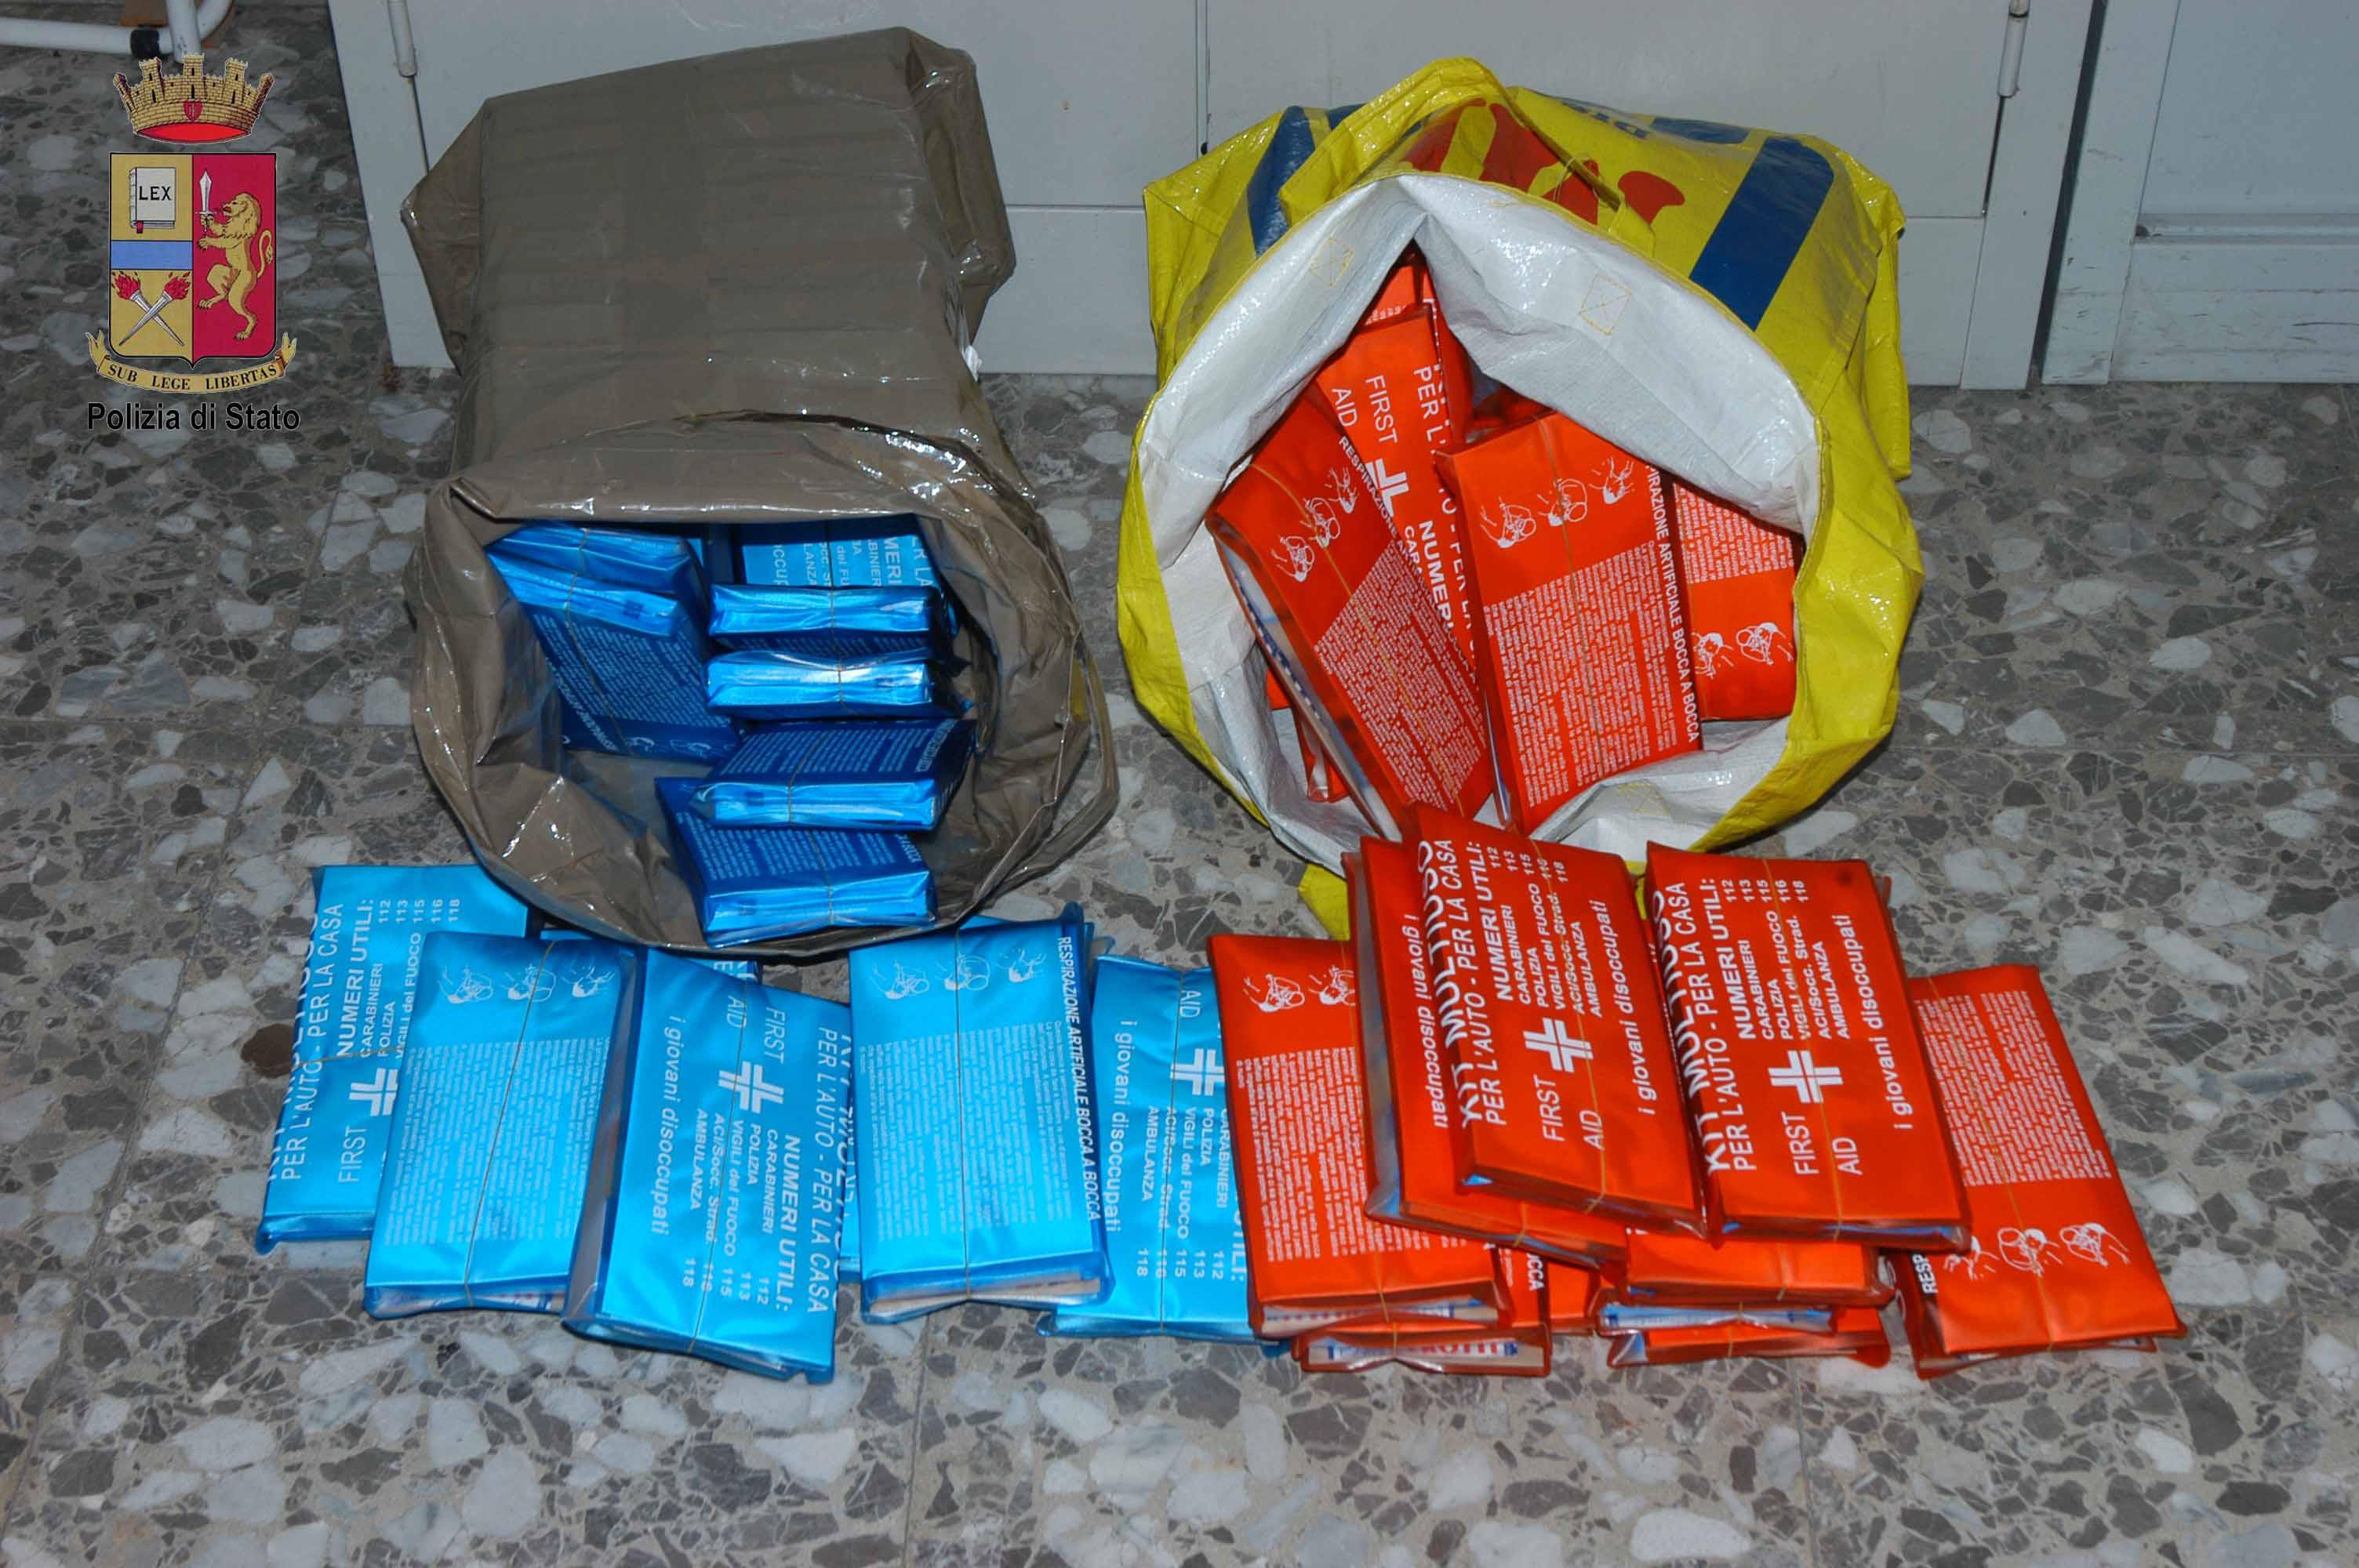 Kit di primo soccorso falsi: Li vendevano in strada fermando gli automobilisti. Denunciati dalla Polizia